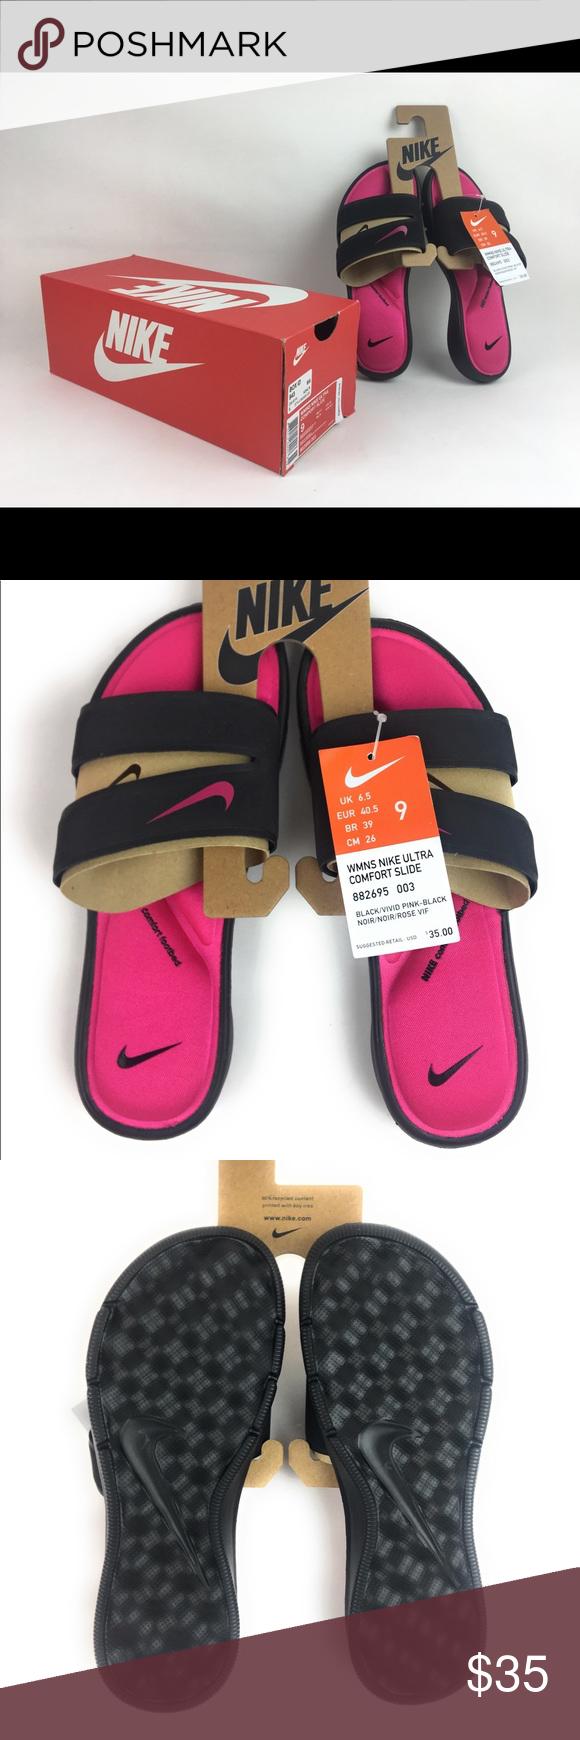 efc91f7d8272 Nike Ultra Comfort Pink Thong Slide Sandal Flip Nike Ultra Comfort Pink  Thong Slide Sandal Flip